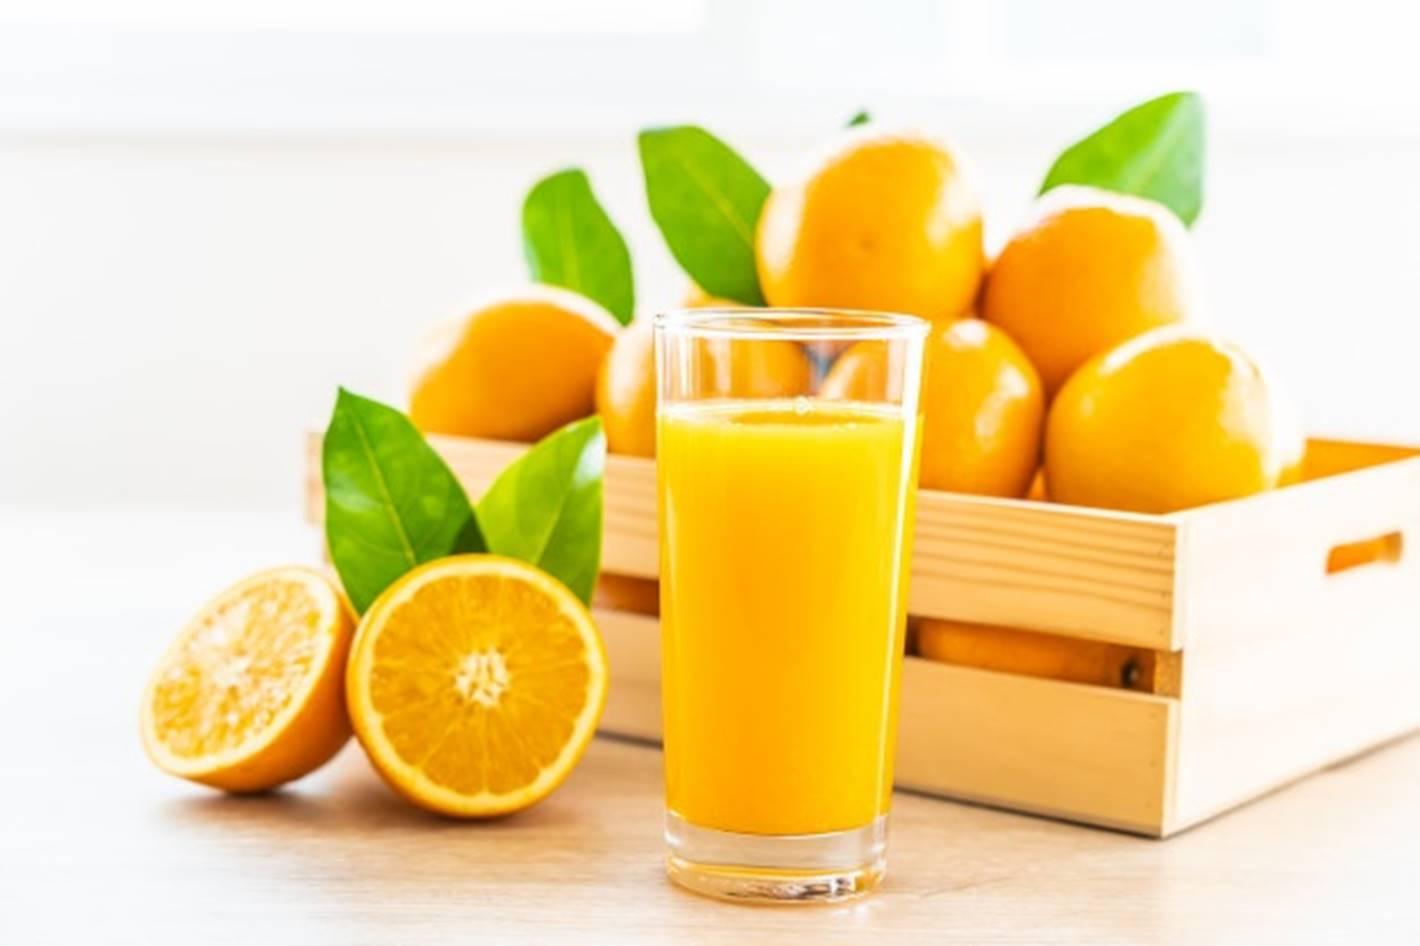 10 alimentos com mais vitamina C que as laranjas